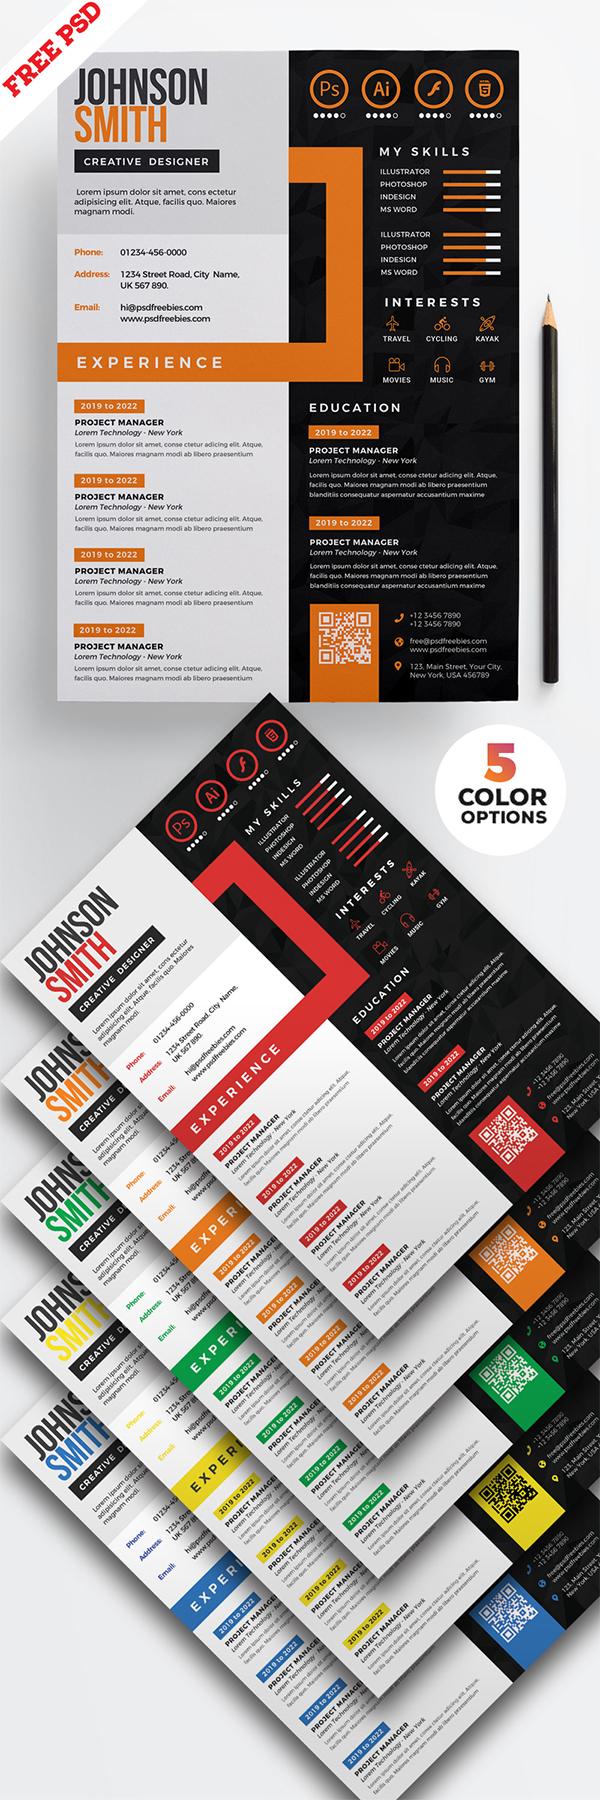 Creative CV Resume Design PSD Templates